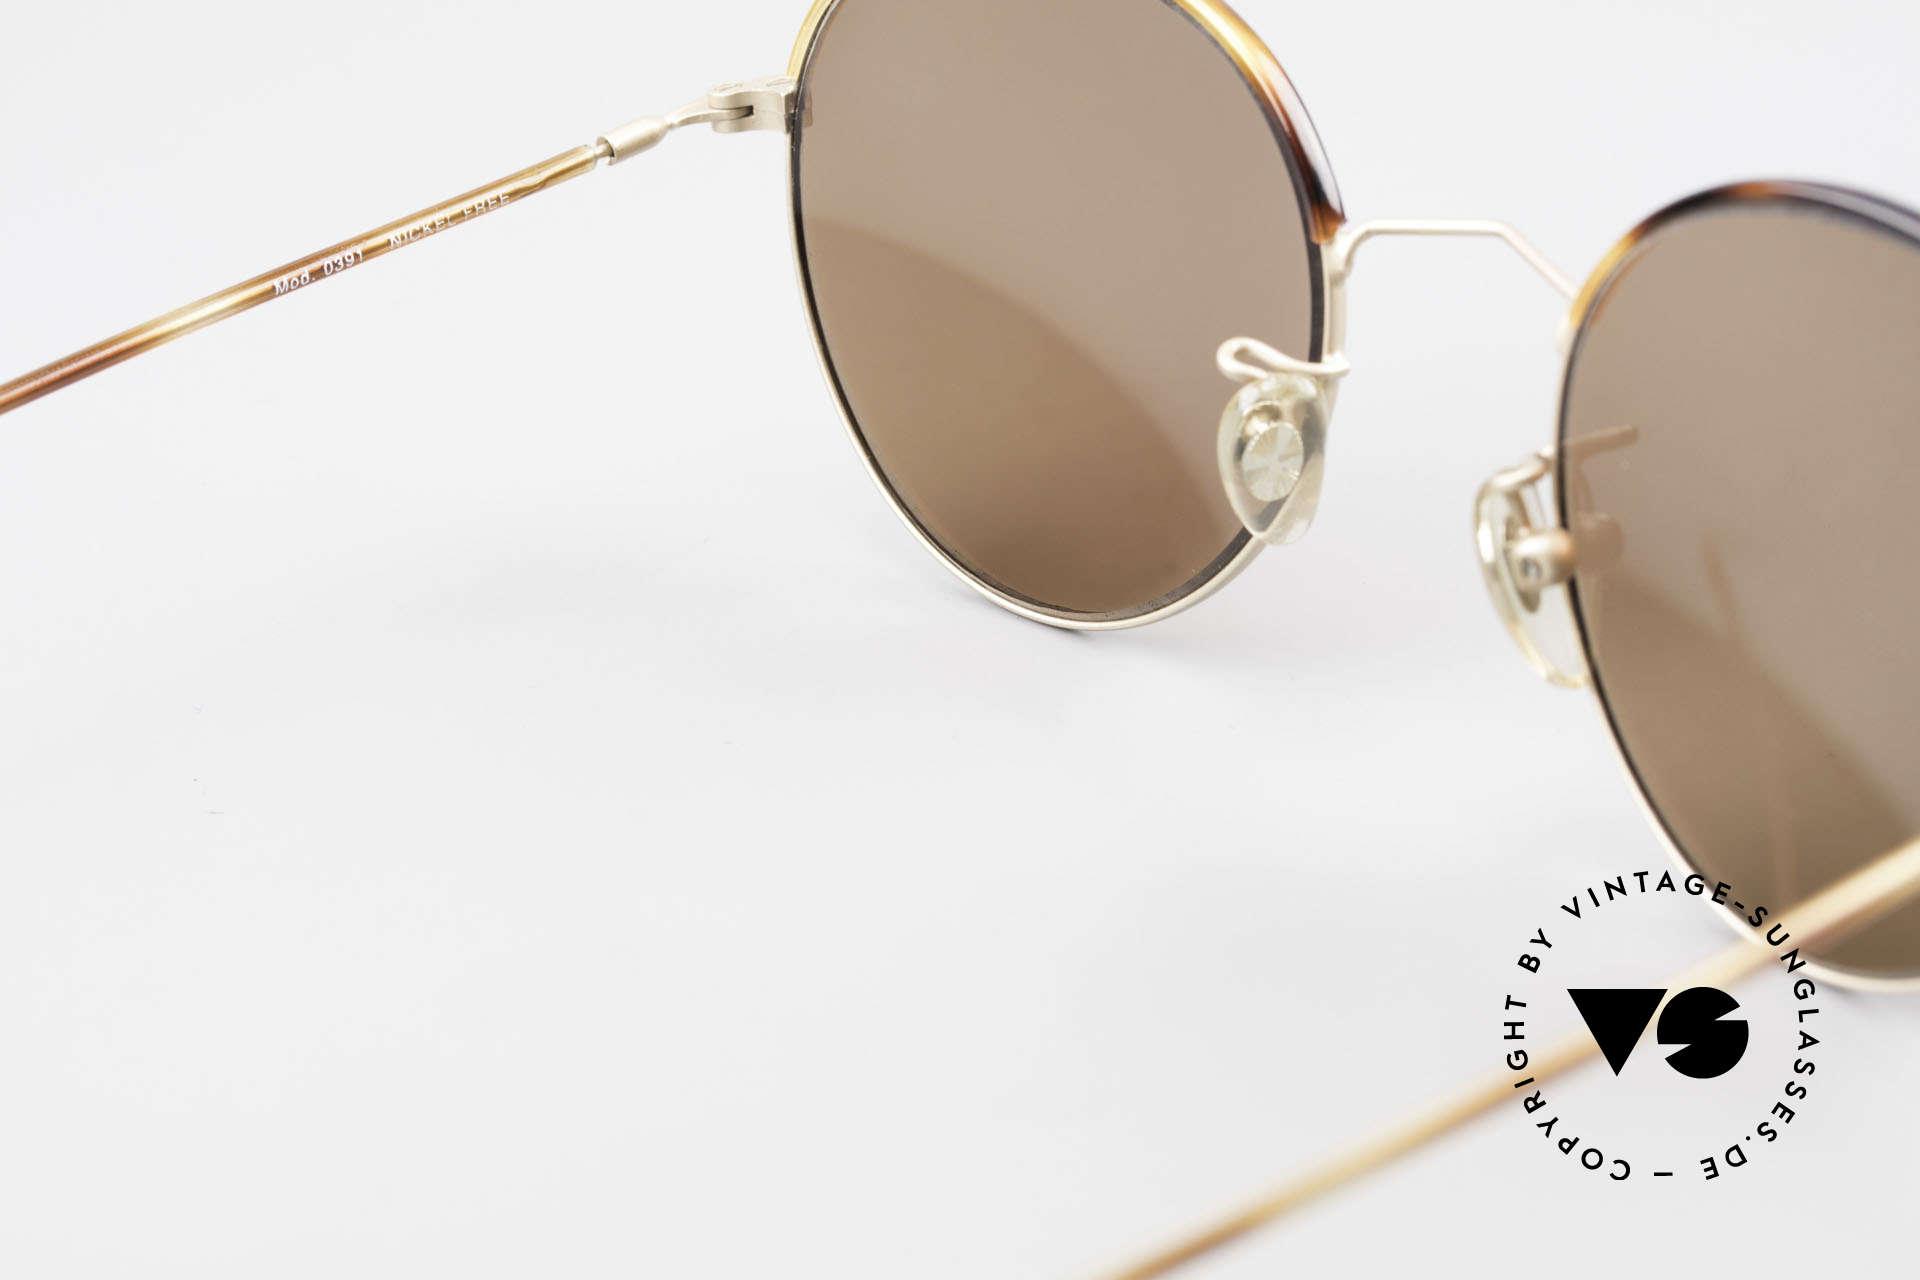 Cutler And Gross 0391 Runde Brille Windsorringe, KEINE Retrobrille, sondern ein 20 Jahre altes Original!, Passend für Herren und Damen